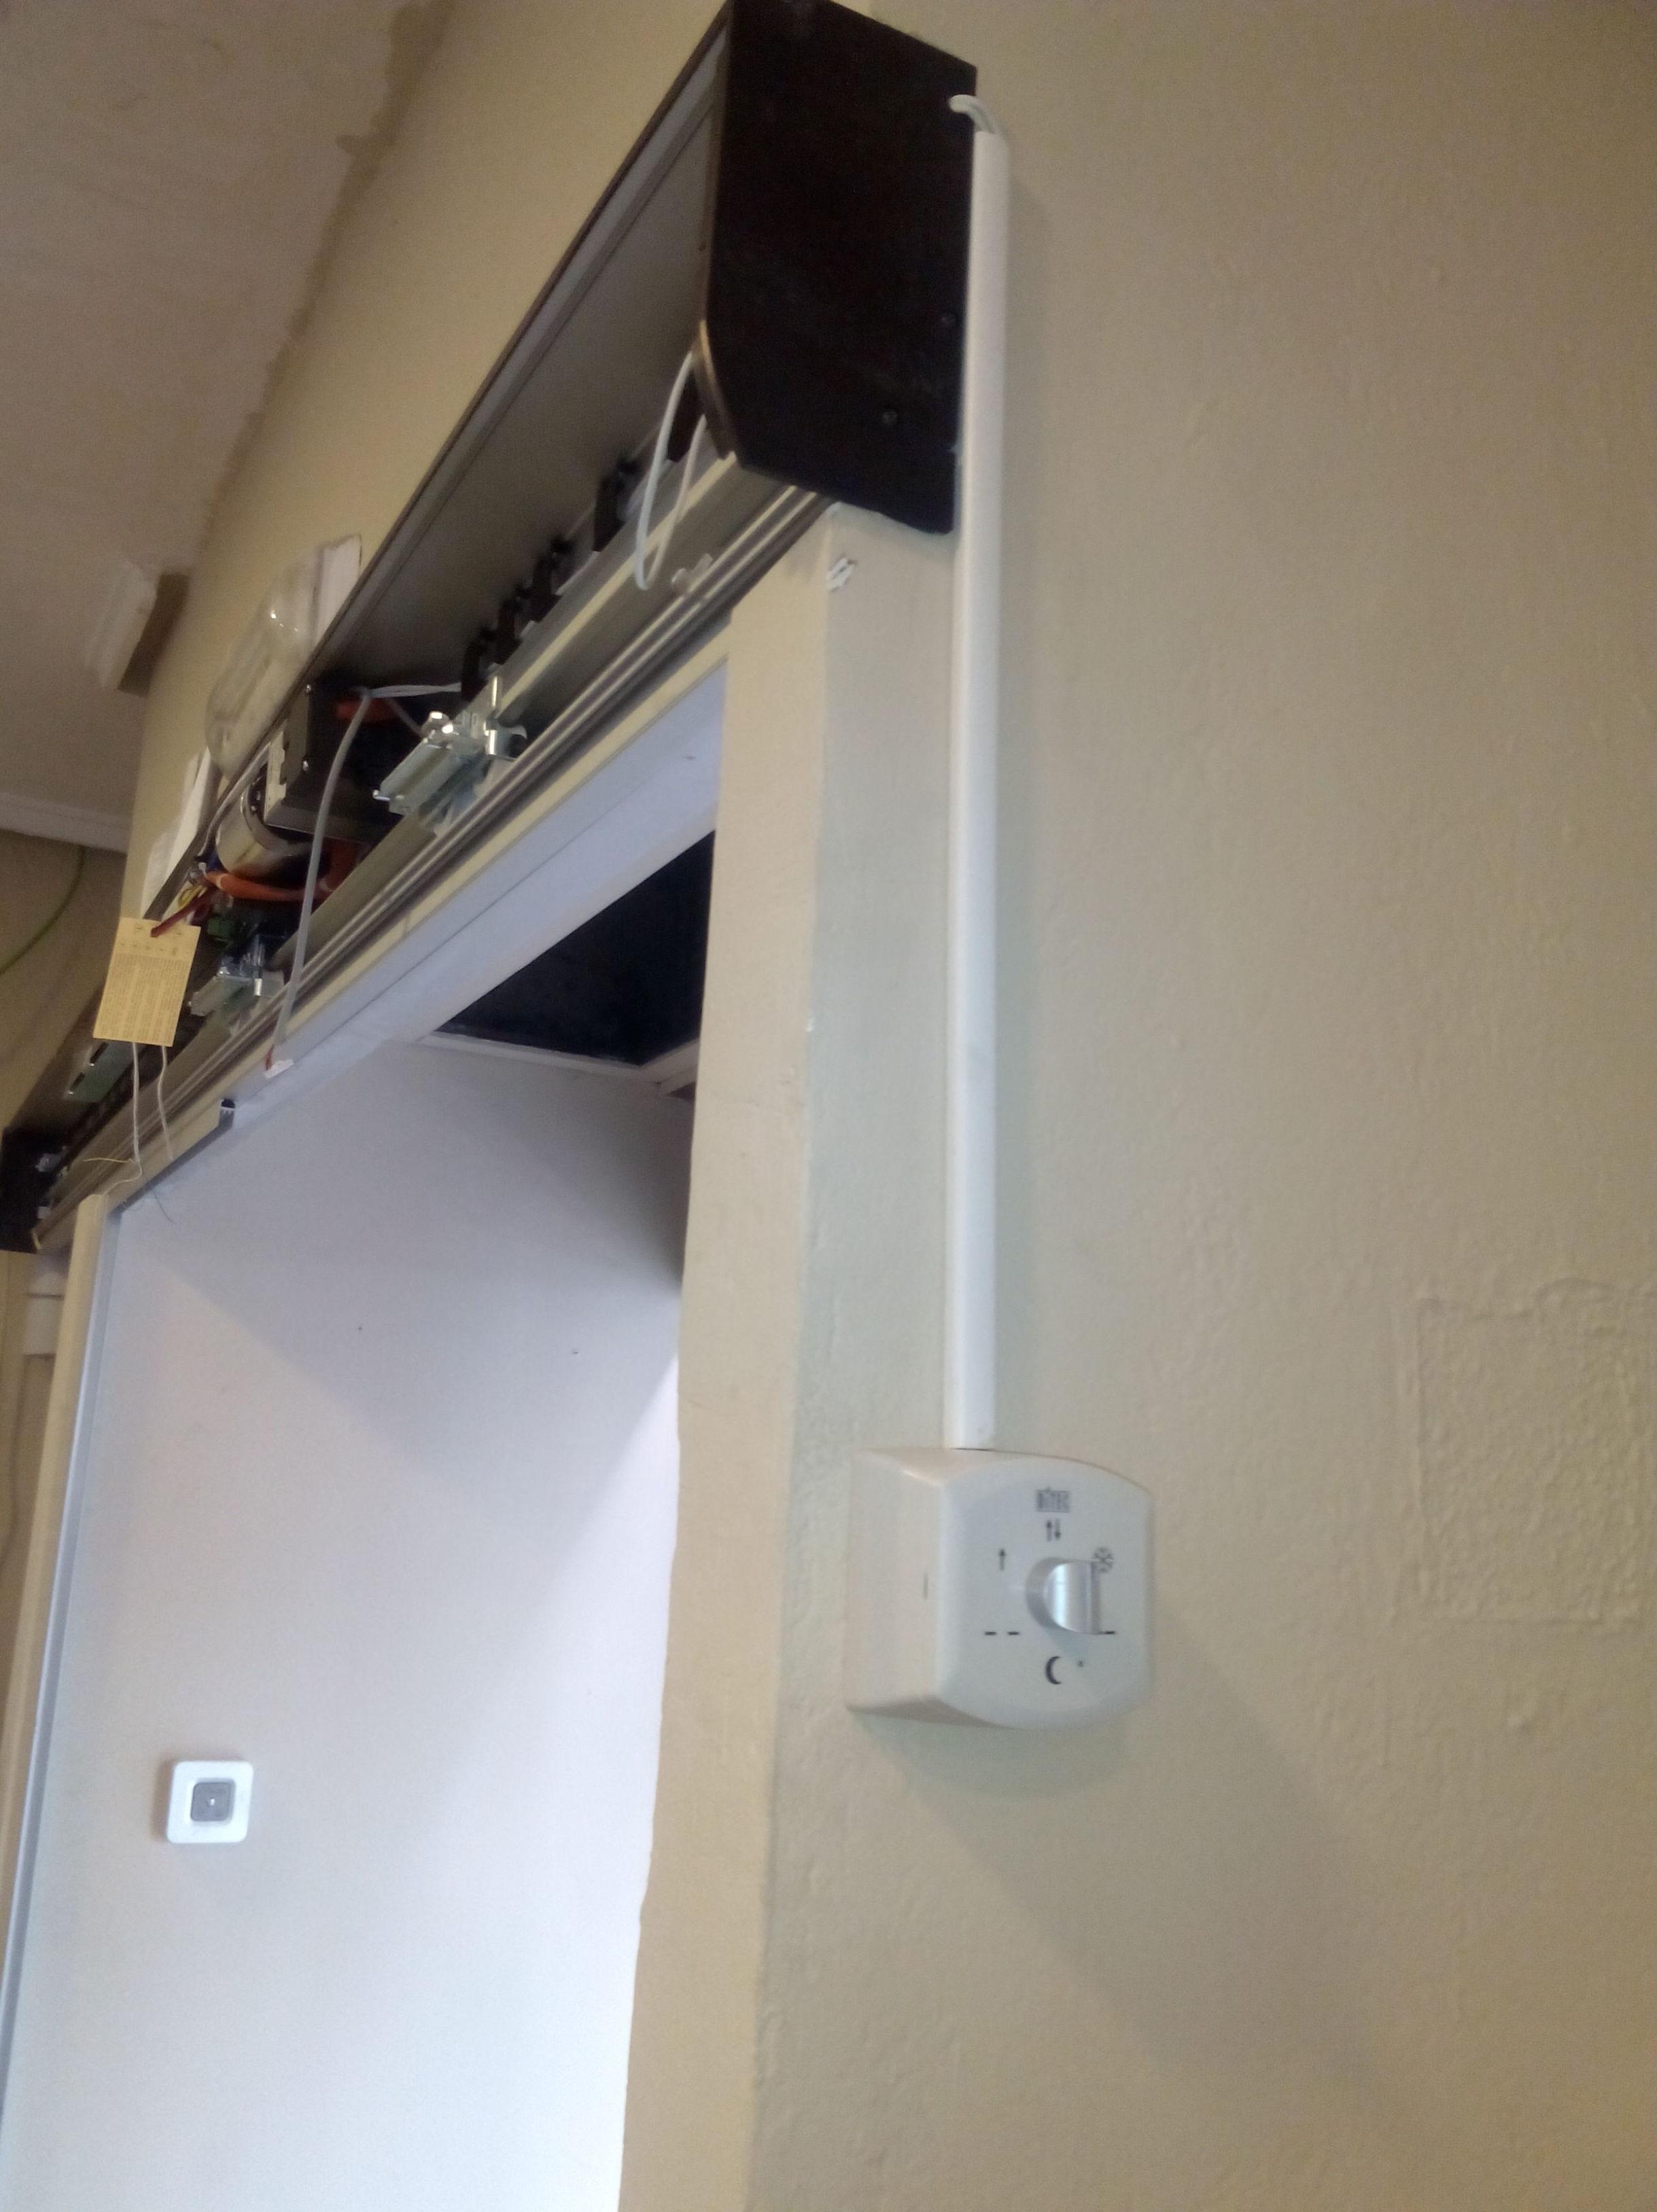 Panel de control selector analógico de puerta corredera automática de cristal